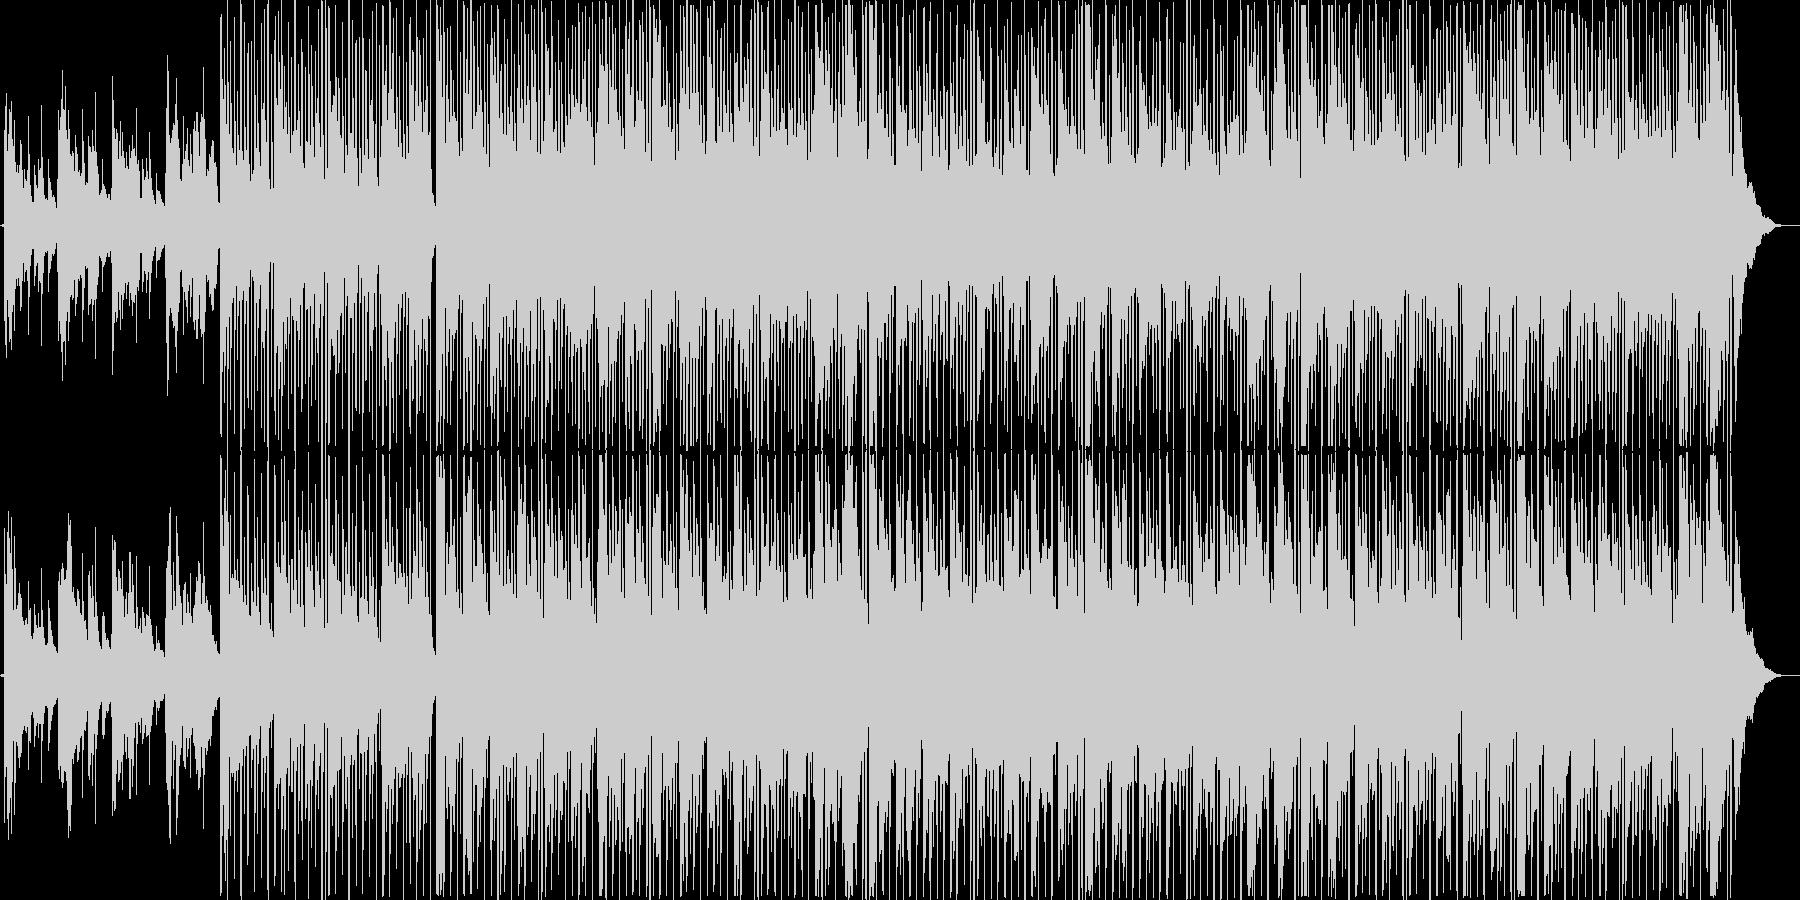 ワクワク感をイメージしたボサノバ風BGMの未再生の波形